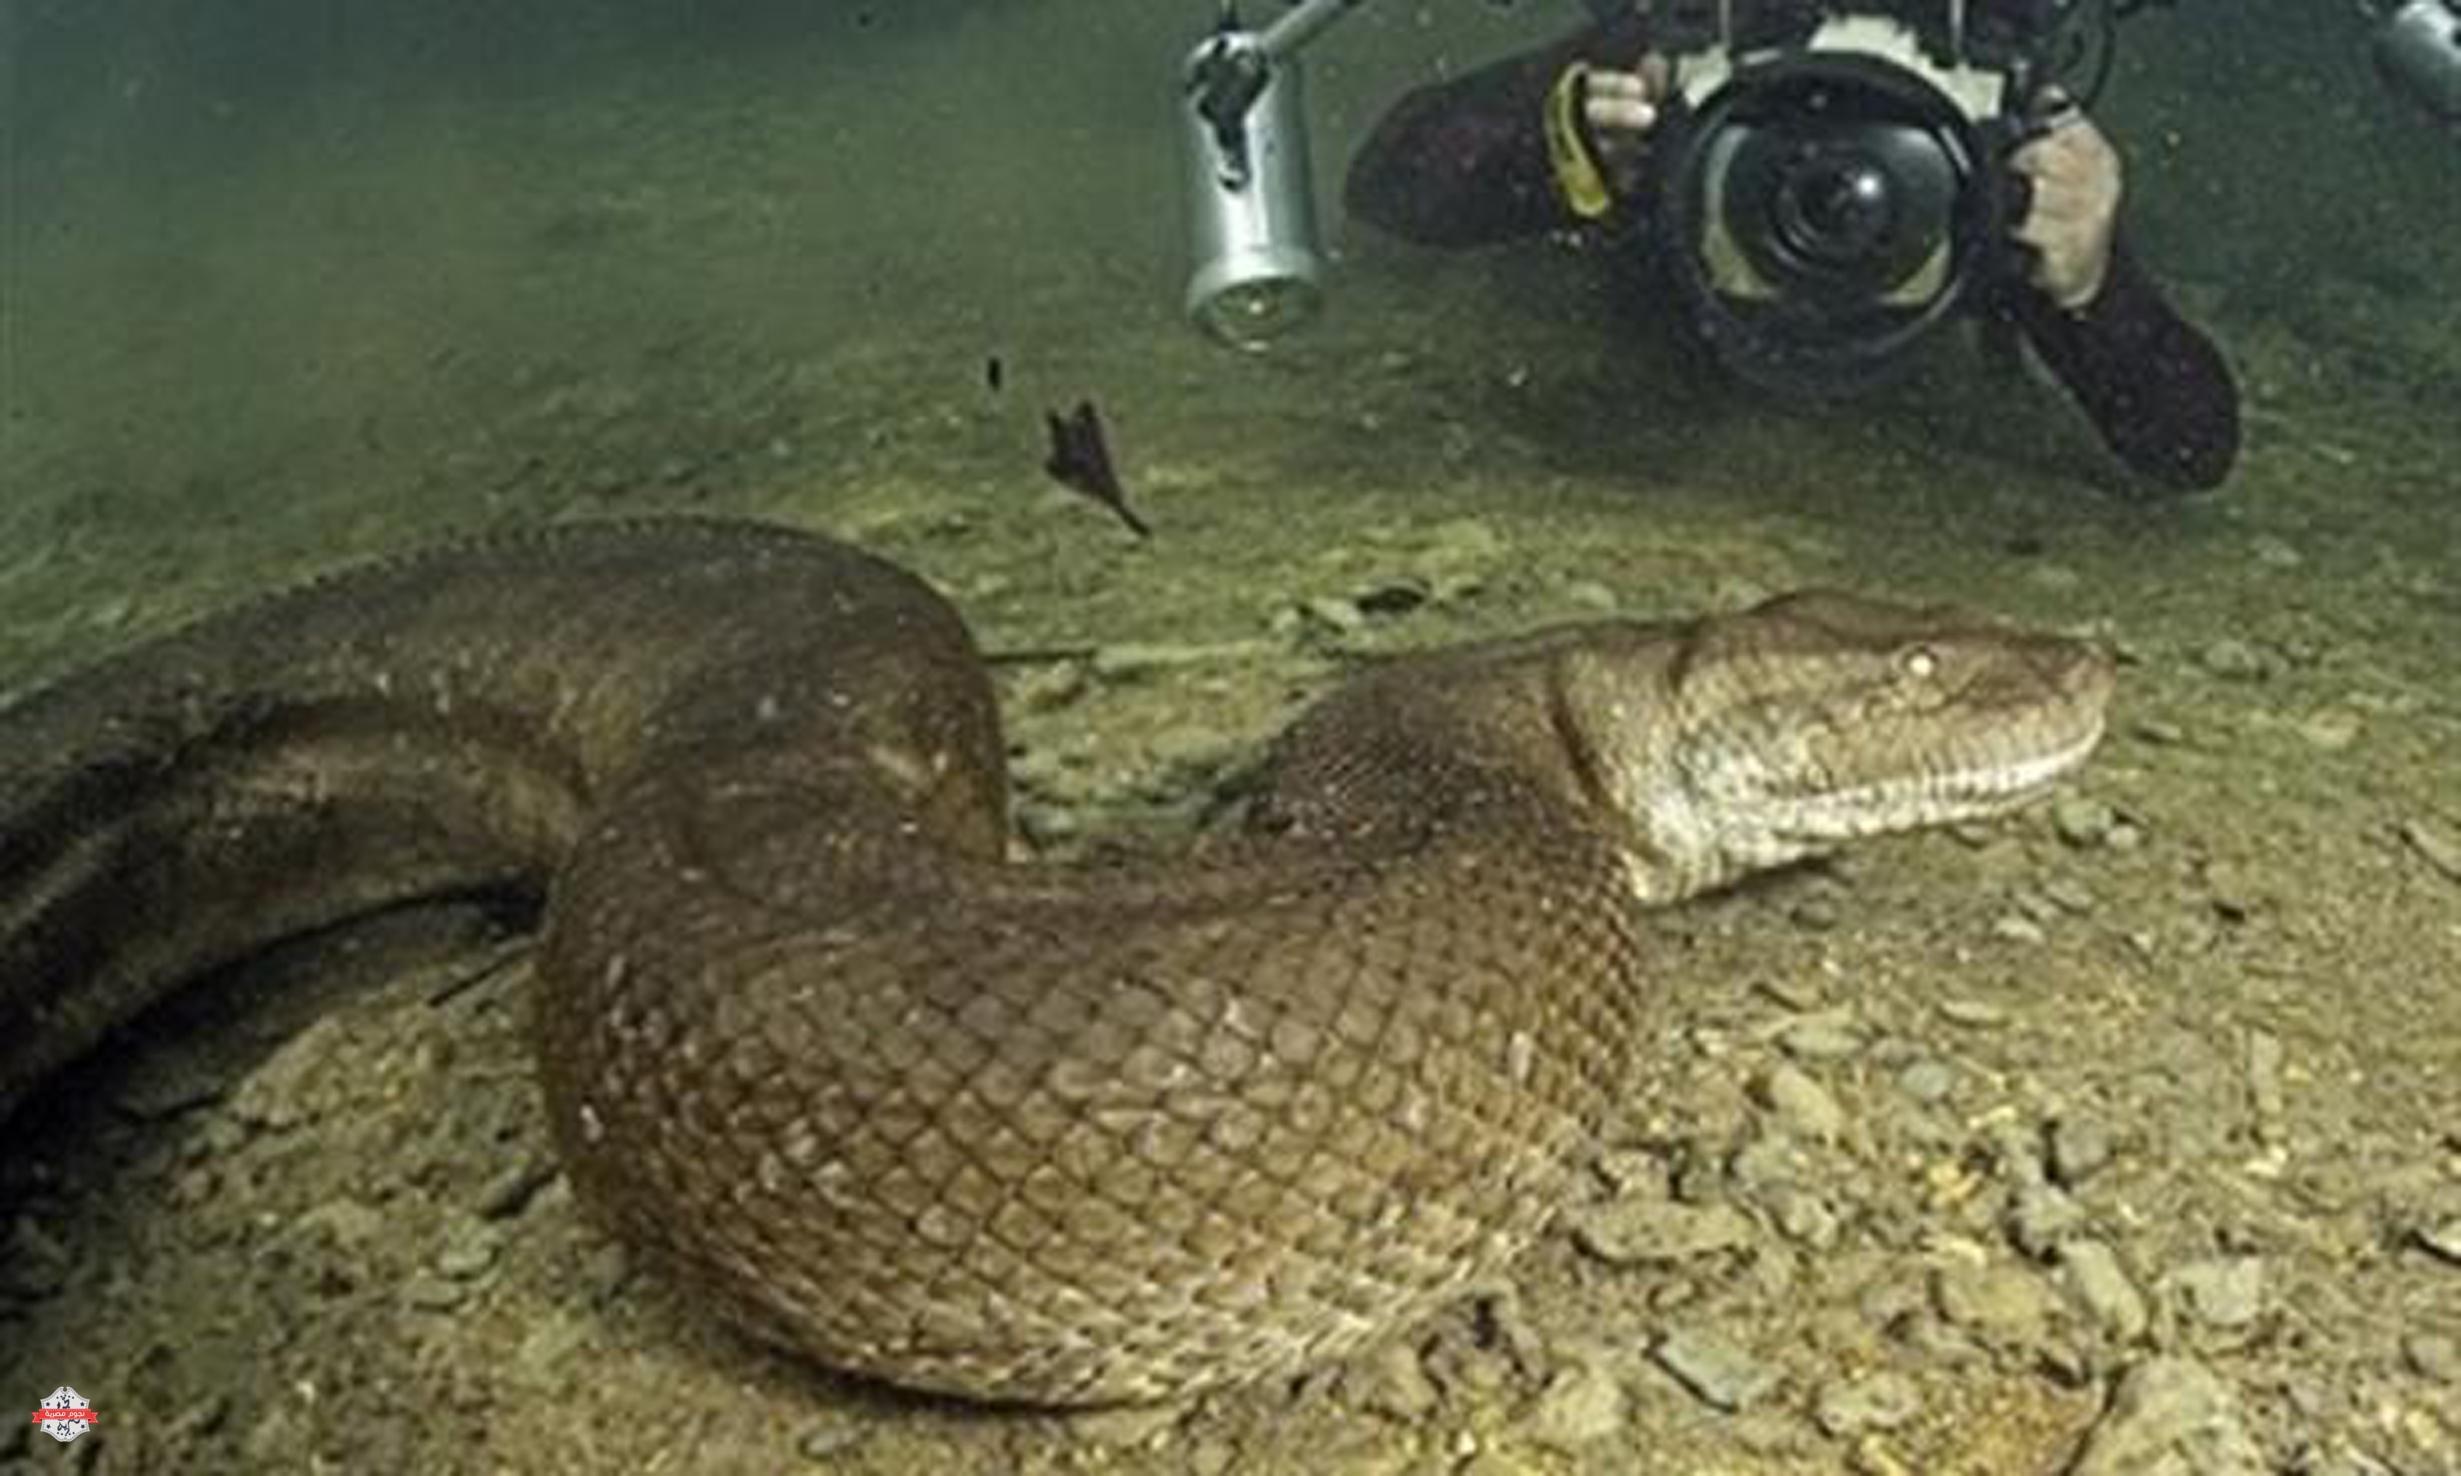 بالصور اكبر ثعبان في العالم , صور اكبر الثعابين فى العالم ثعبان الاناكوندا